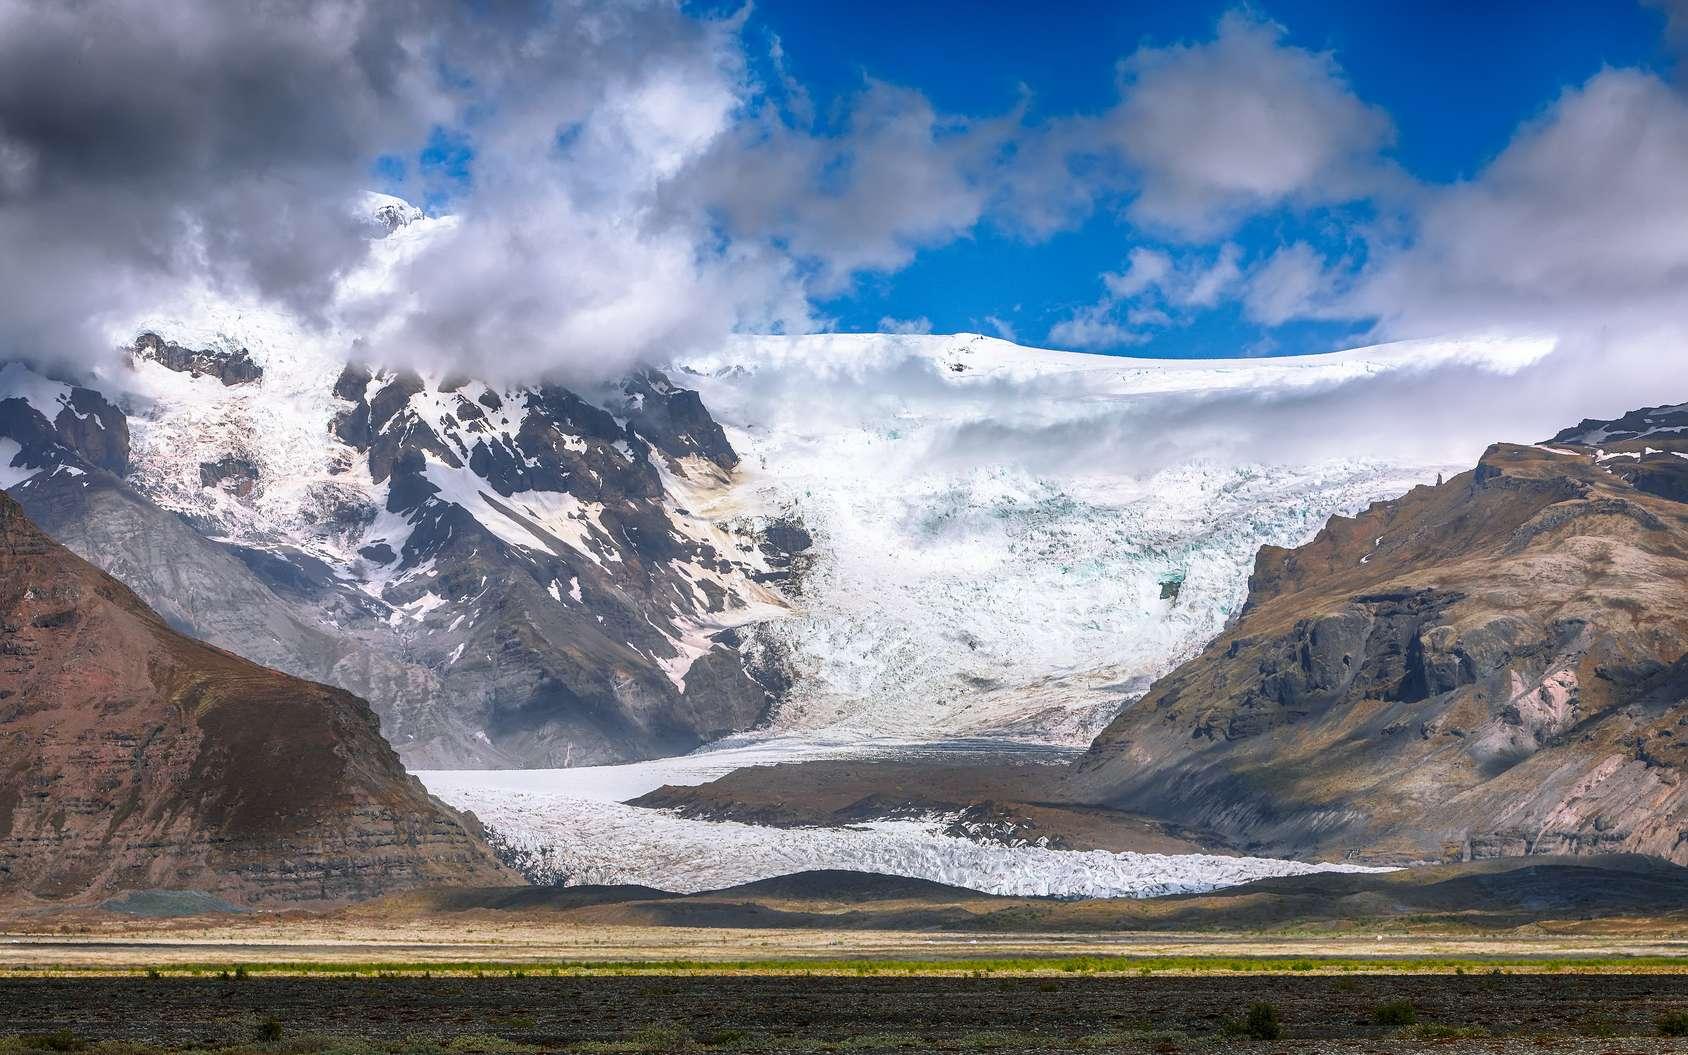 Les neiges de l'Arctique et des Alpes contiennent des microplastiques. © pilat666, Fotolia